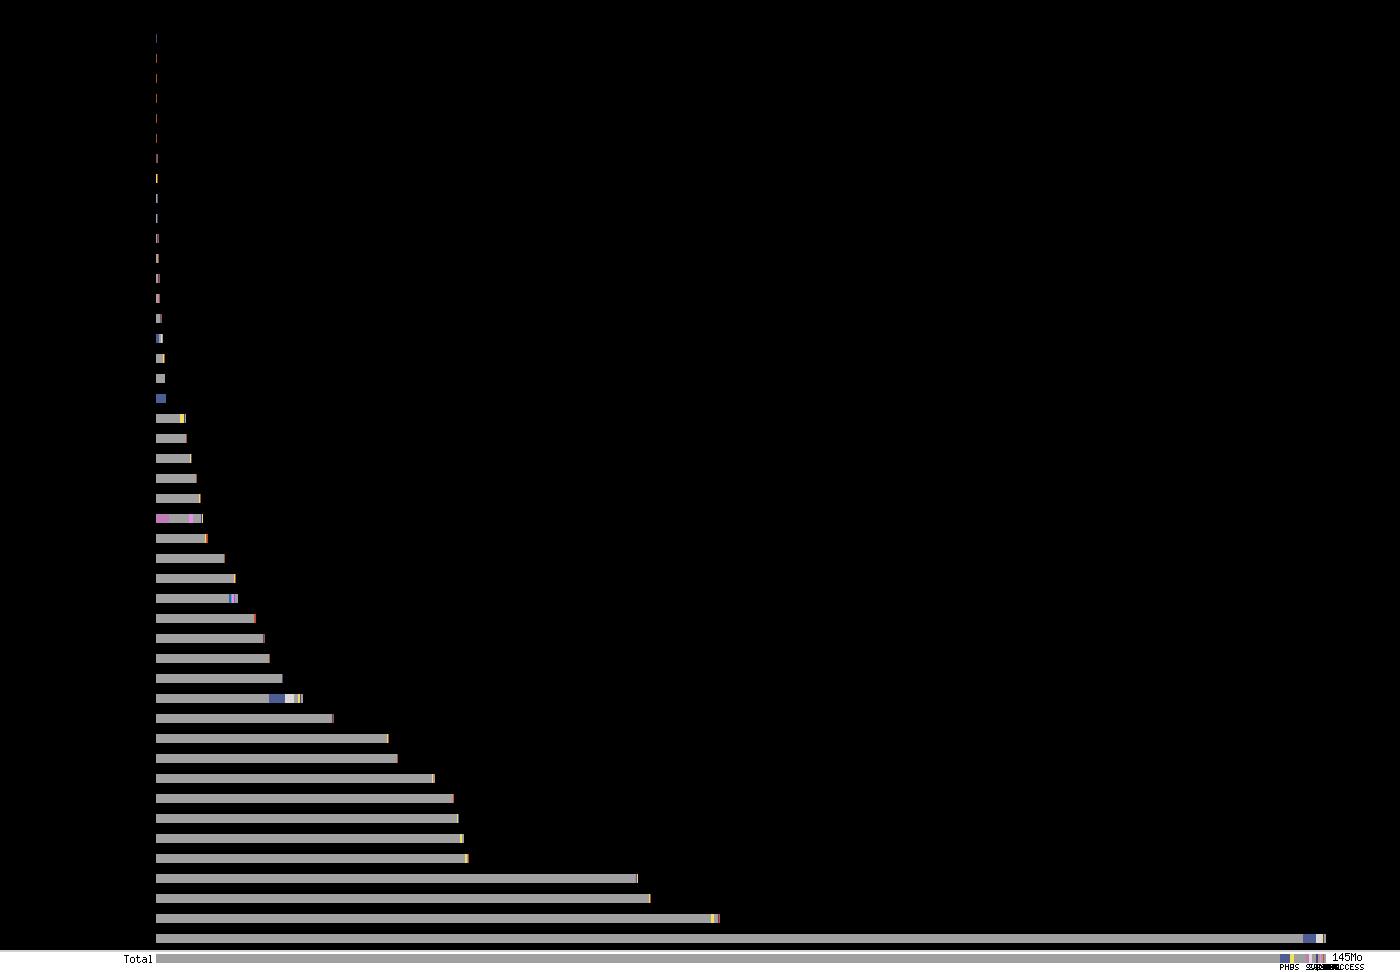 Graph de la taille des projets